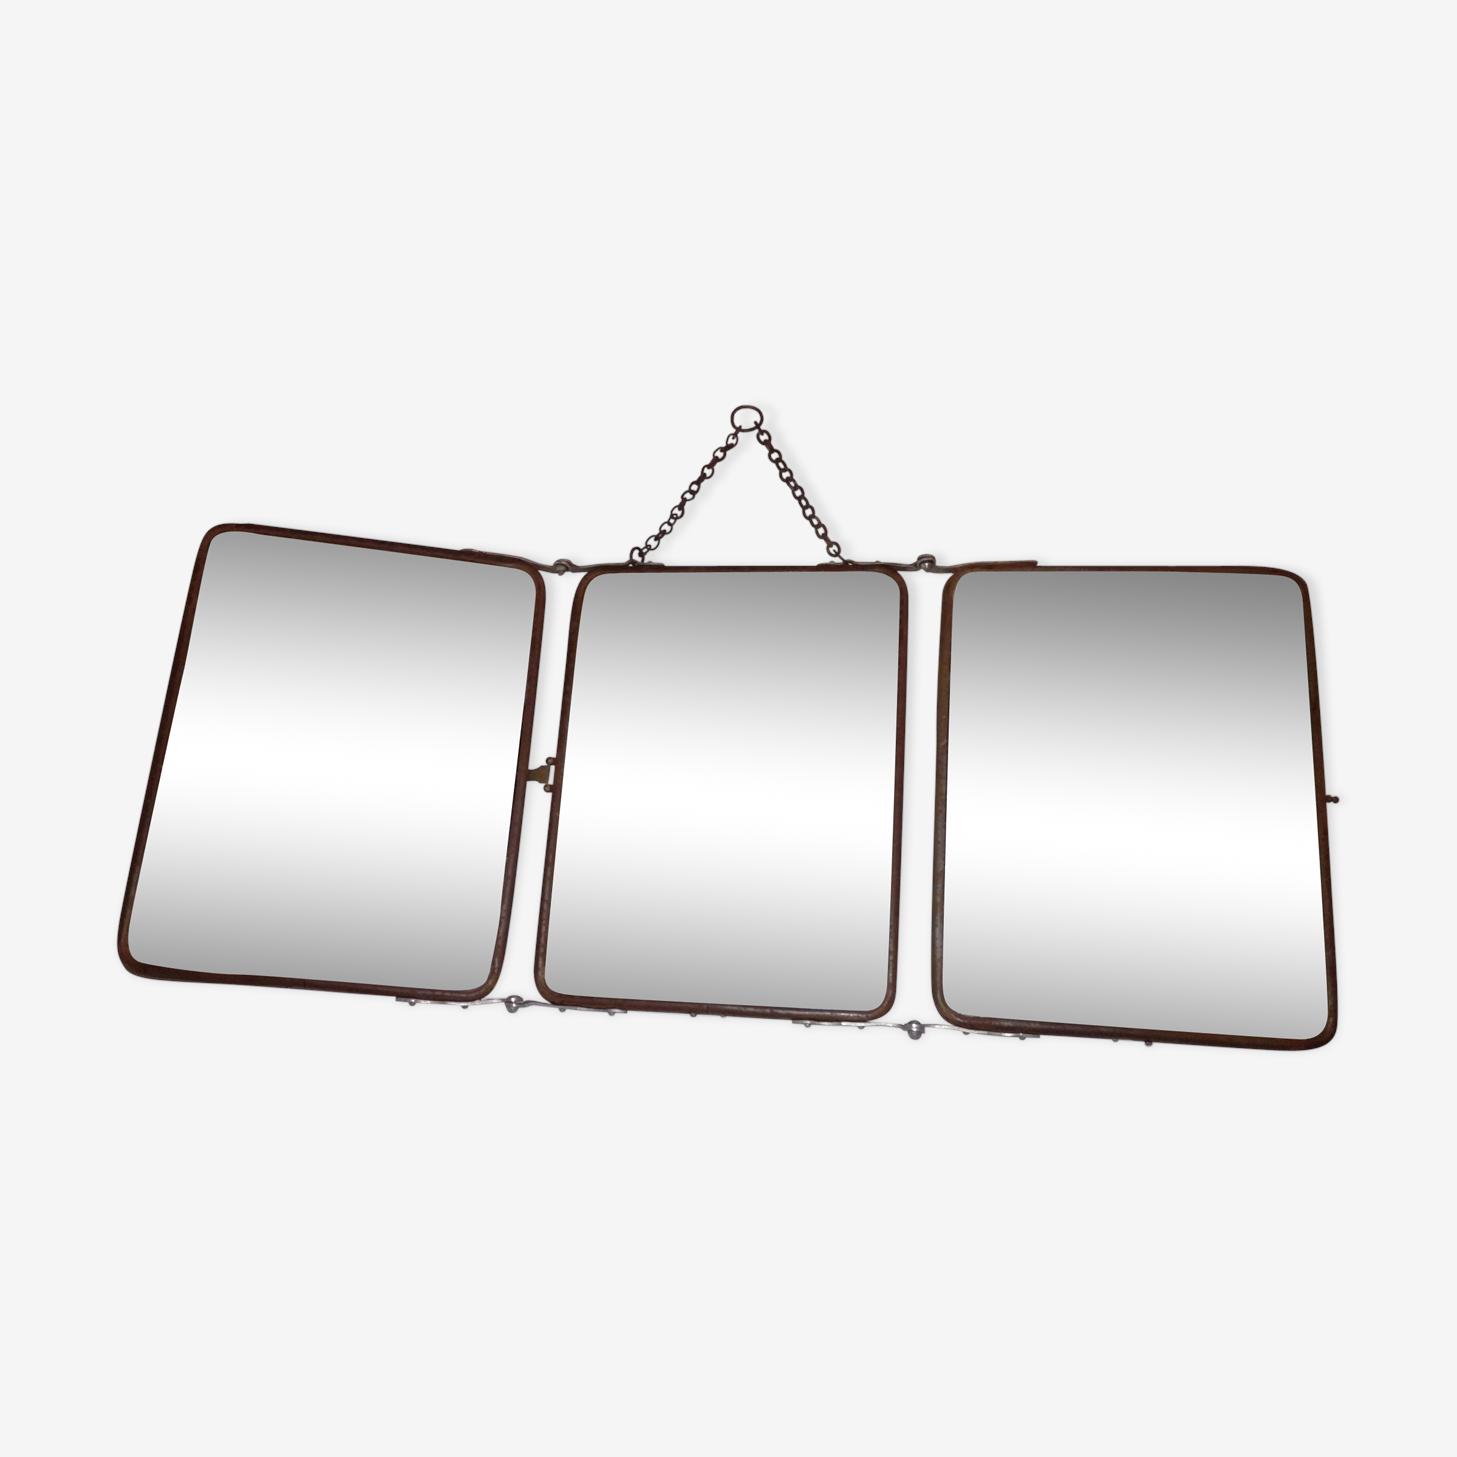 Miroir triptyque de barbier 18x24cm